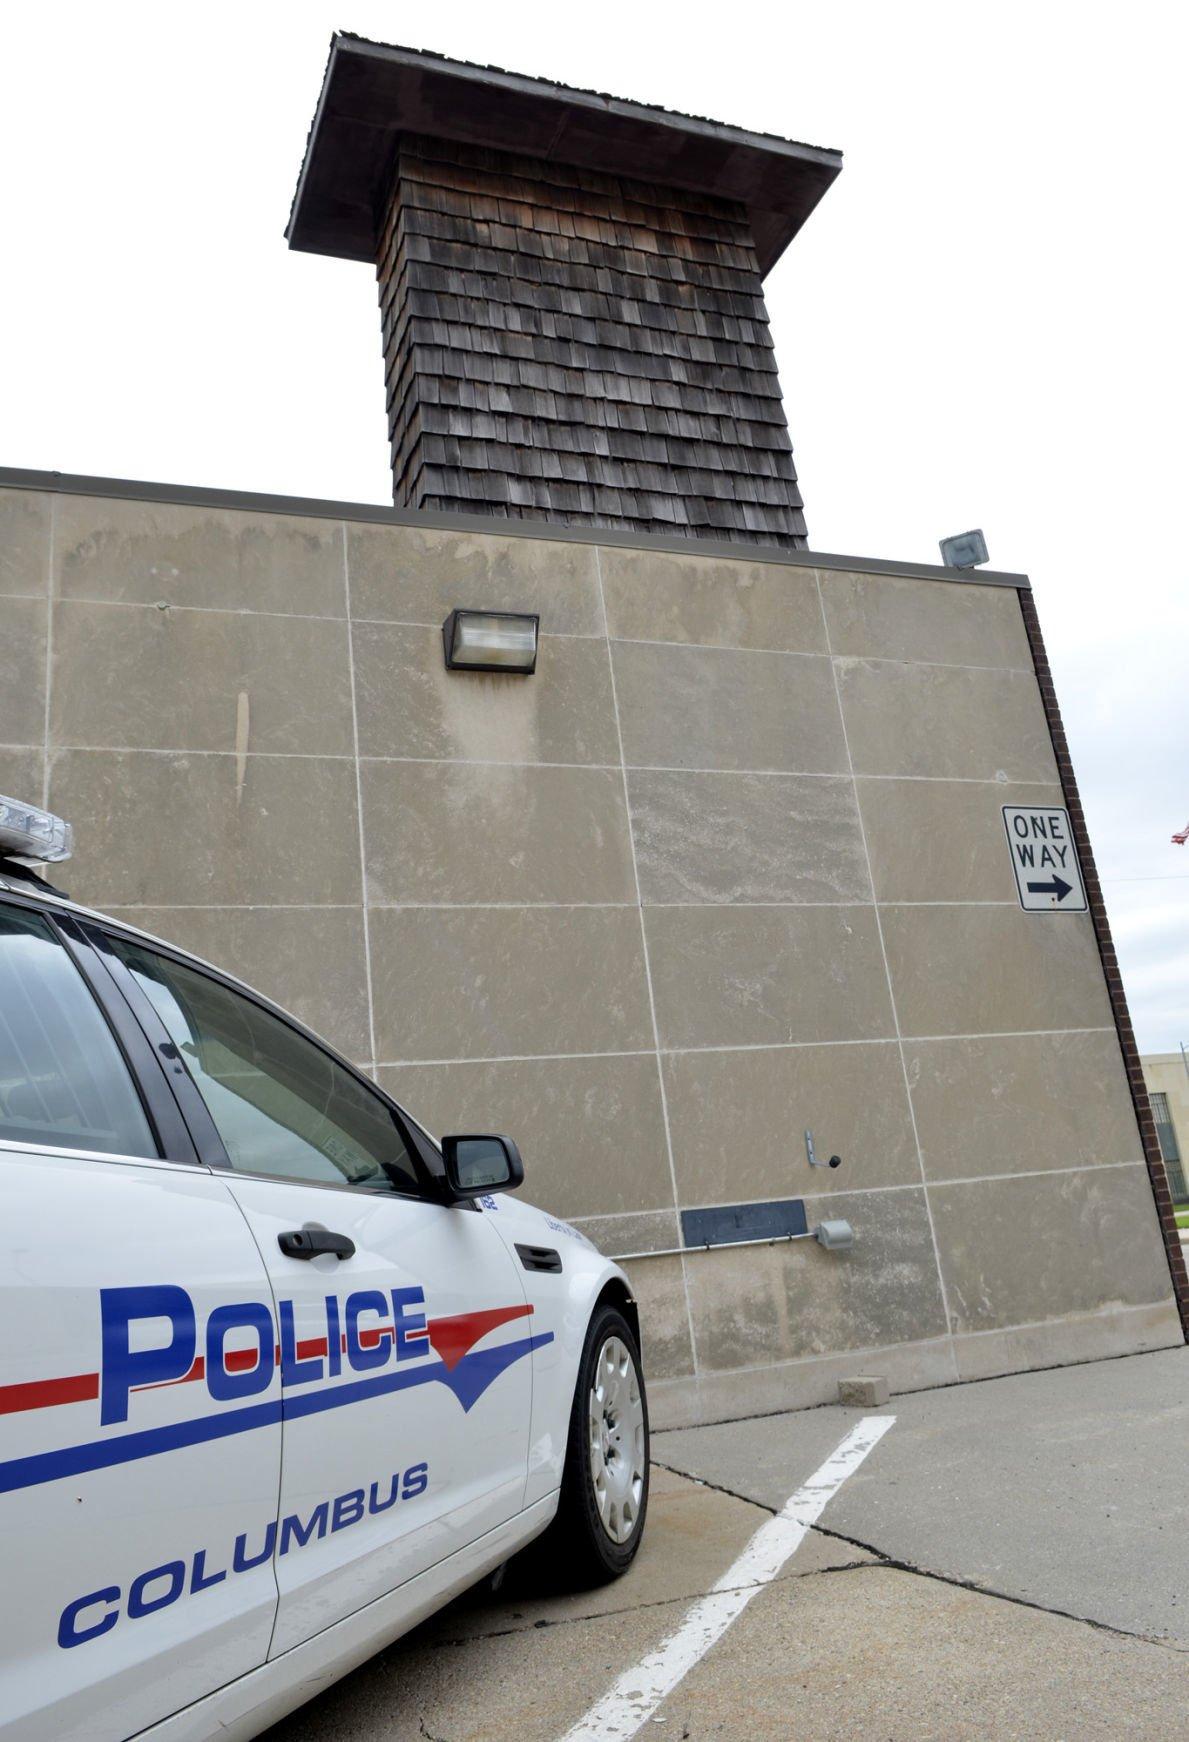 Police Station (copy)